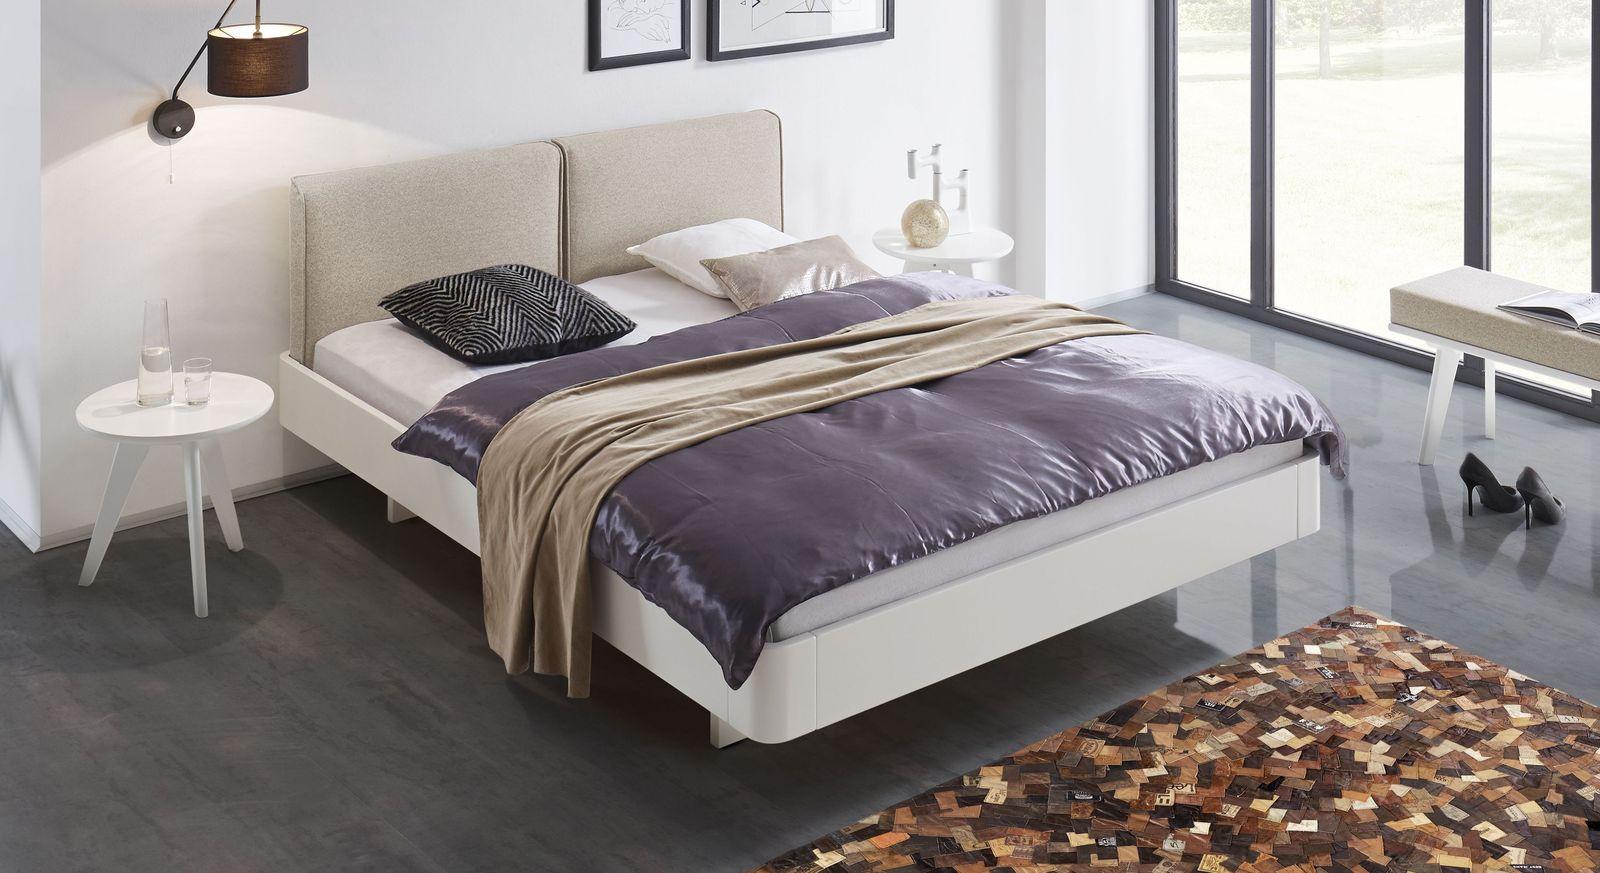 Bett Iraklia in Weiß mit beigem Polsterkopfteil